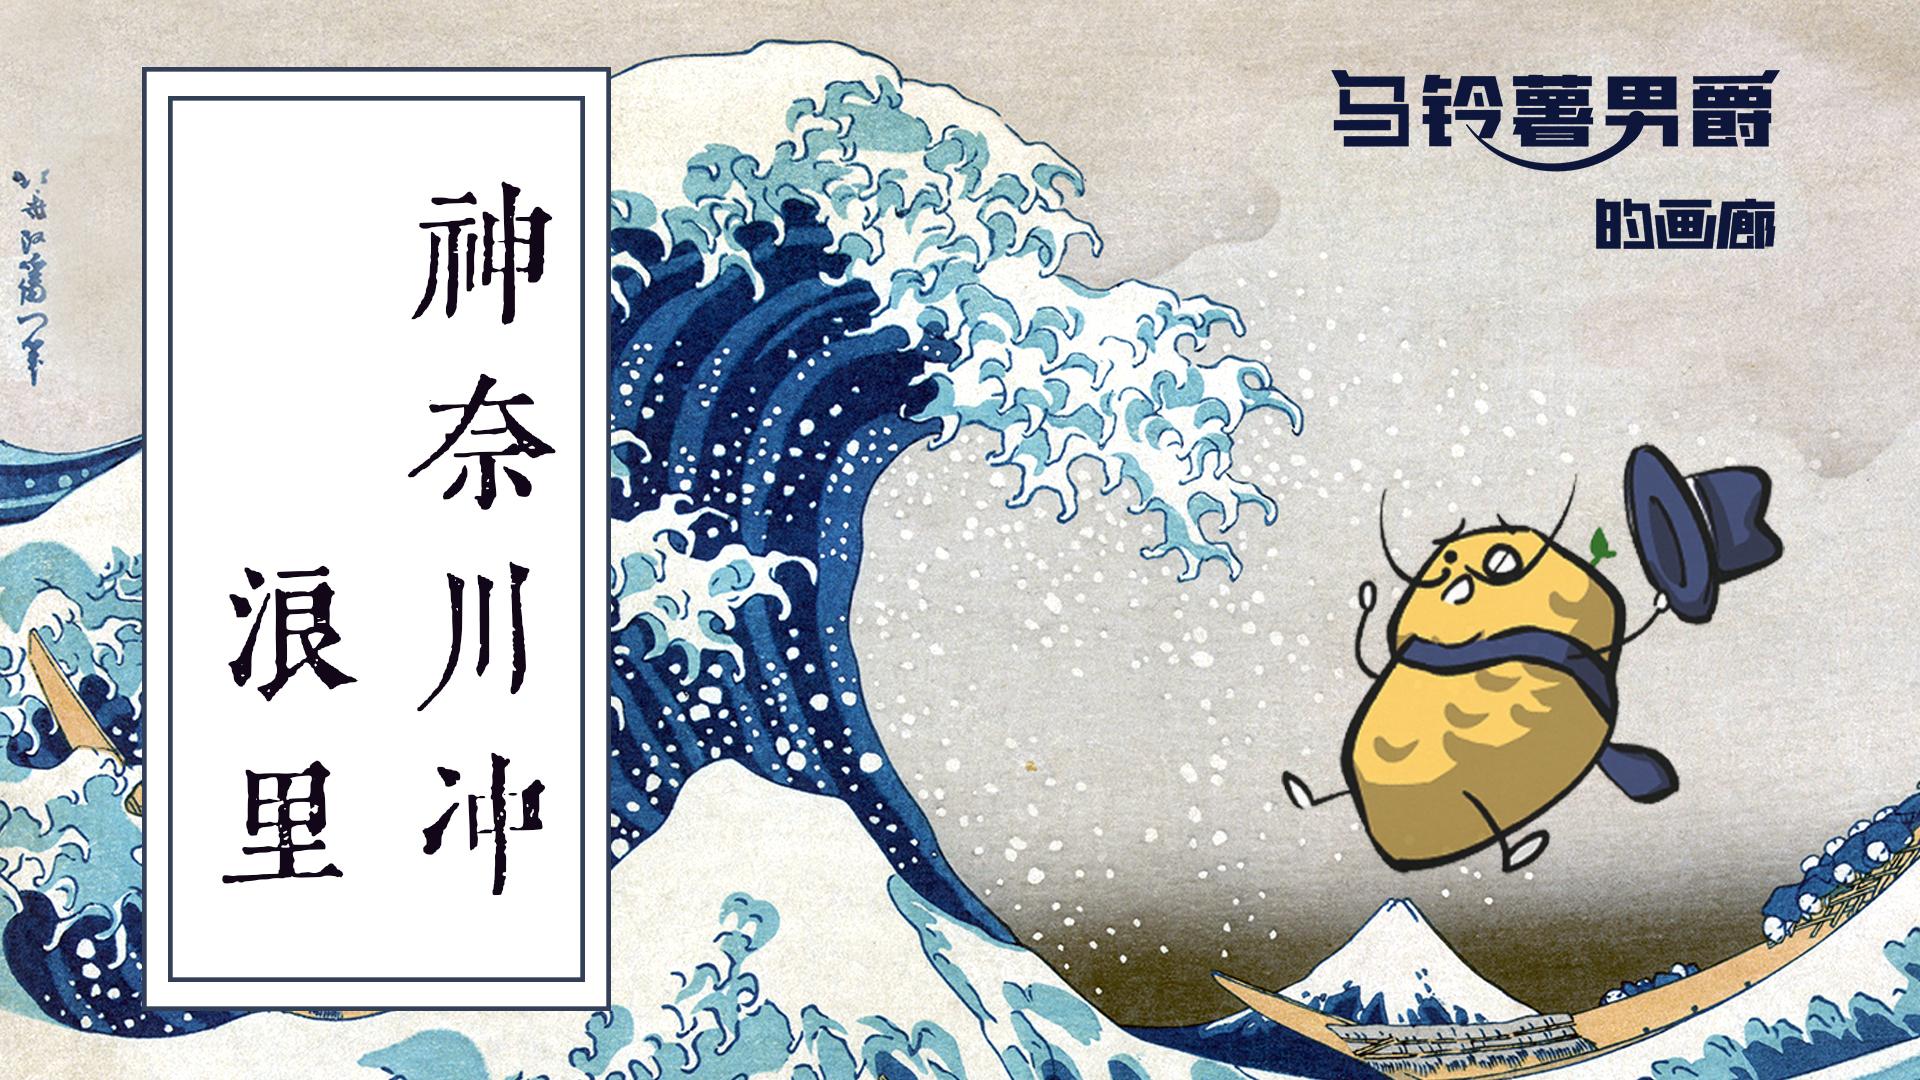 """【马铃薯男爵的画廊】一个春宫画家,靠""""浪""""破了圈"""